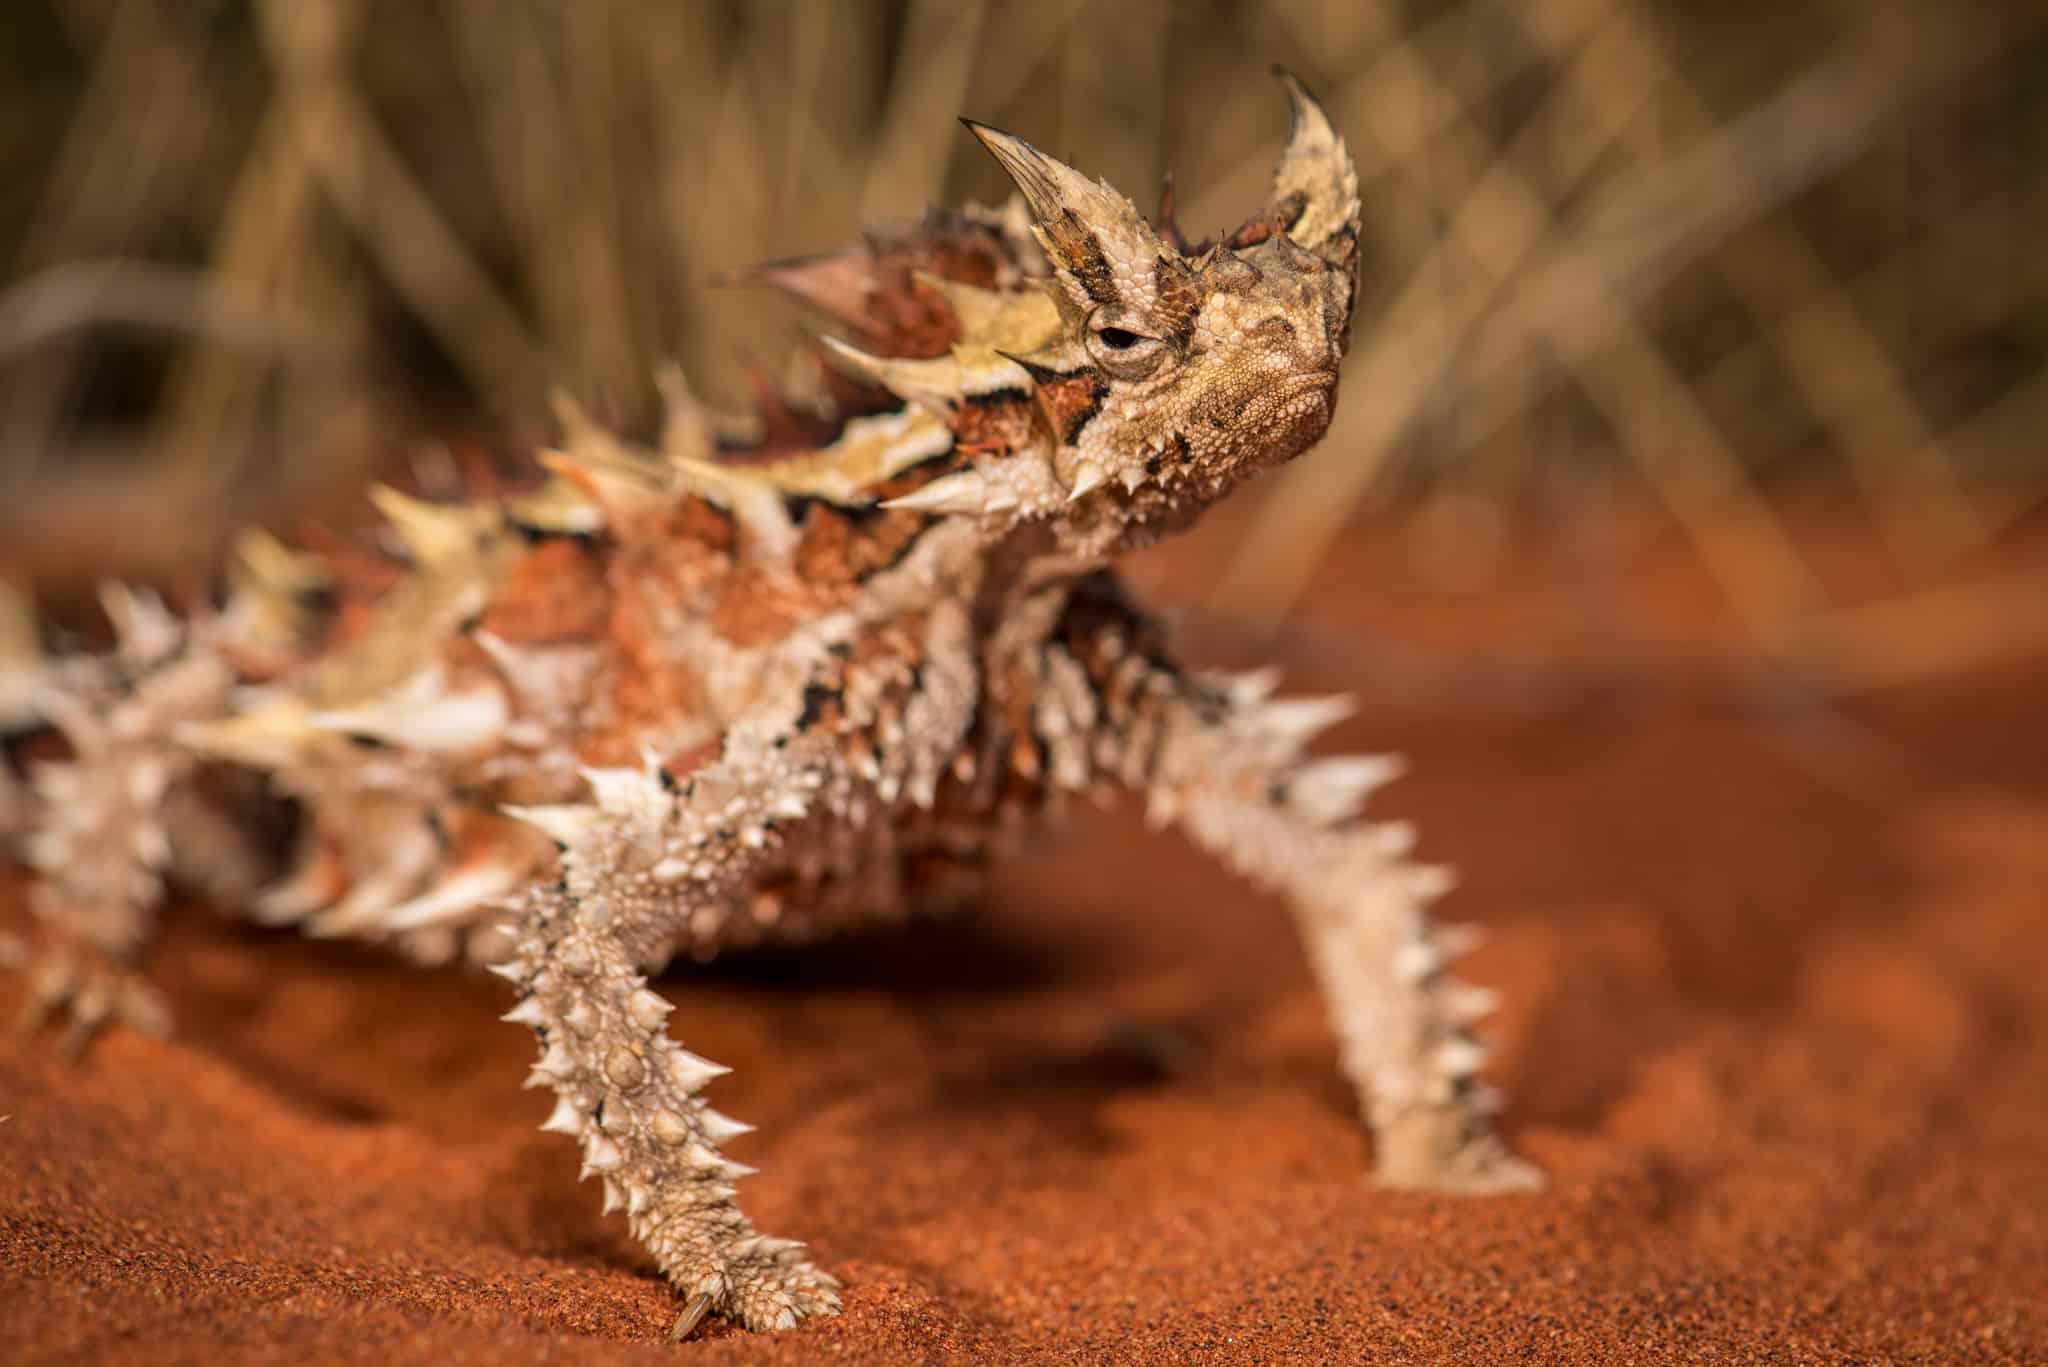 Sauria: Lizards